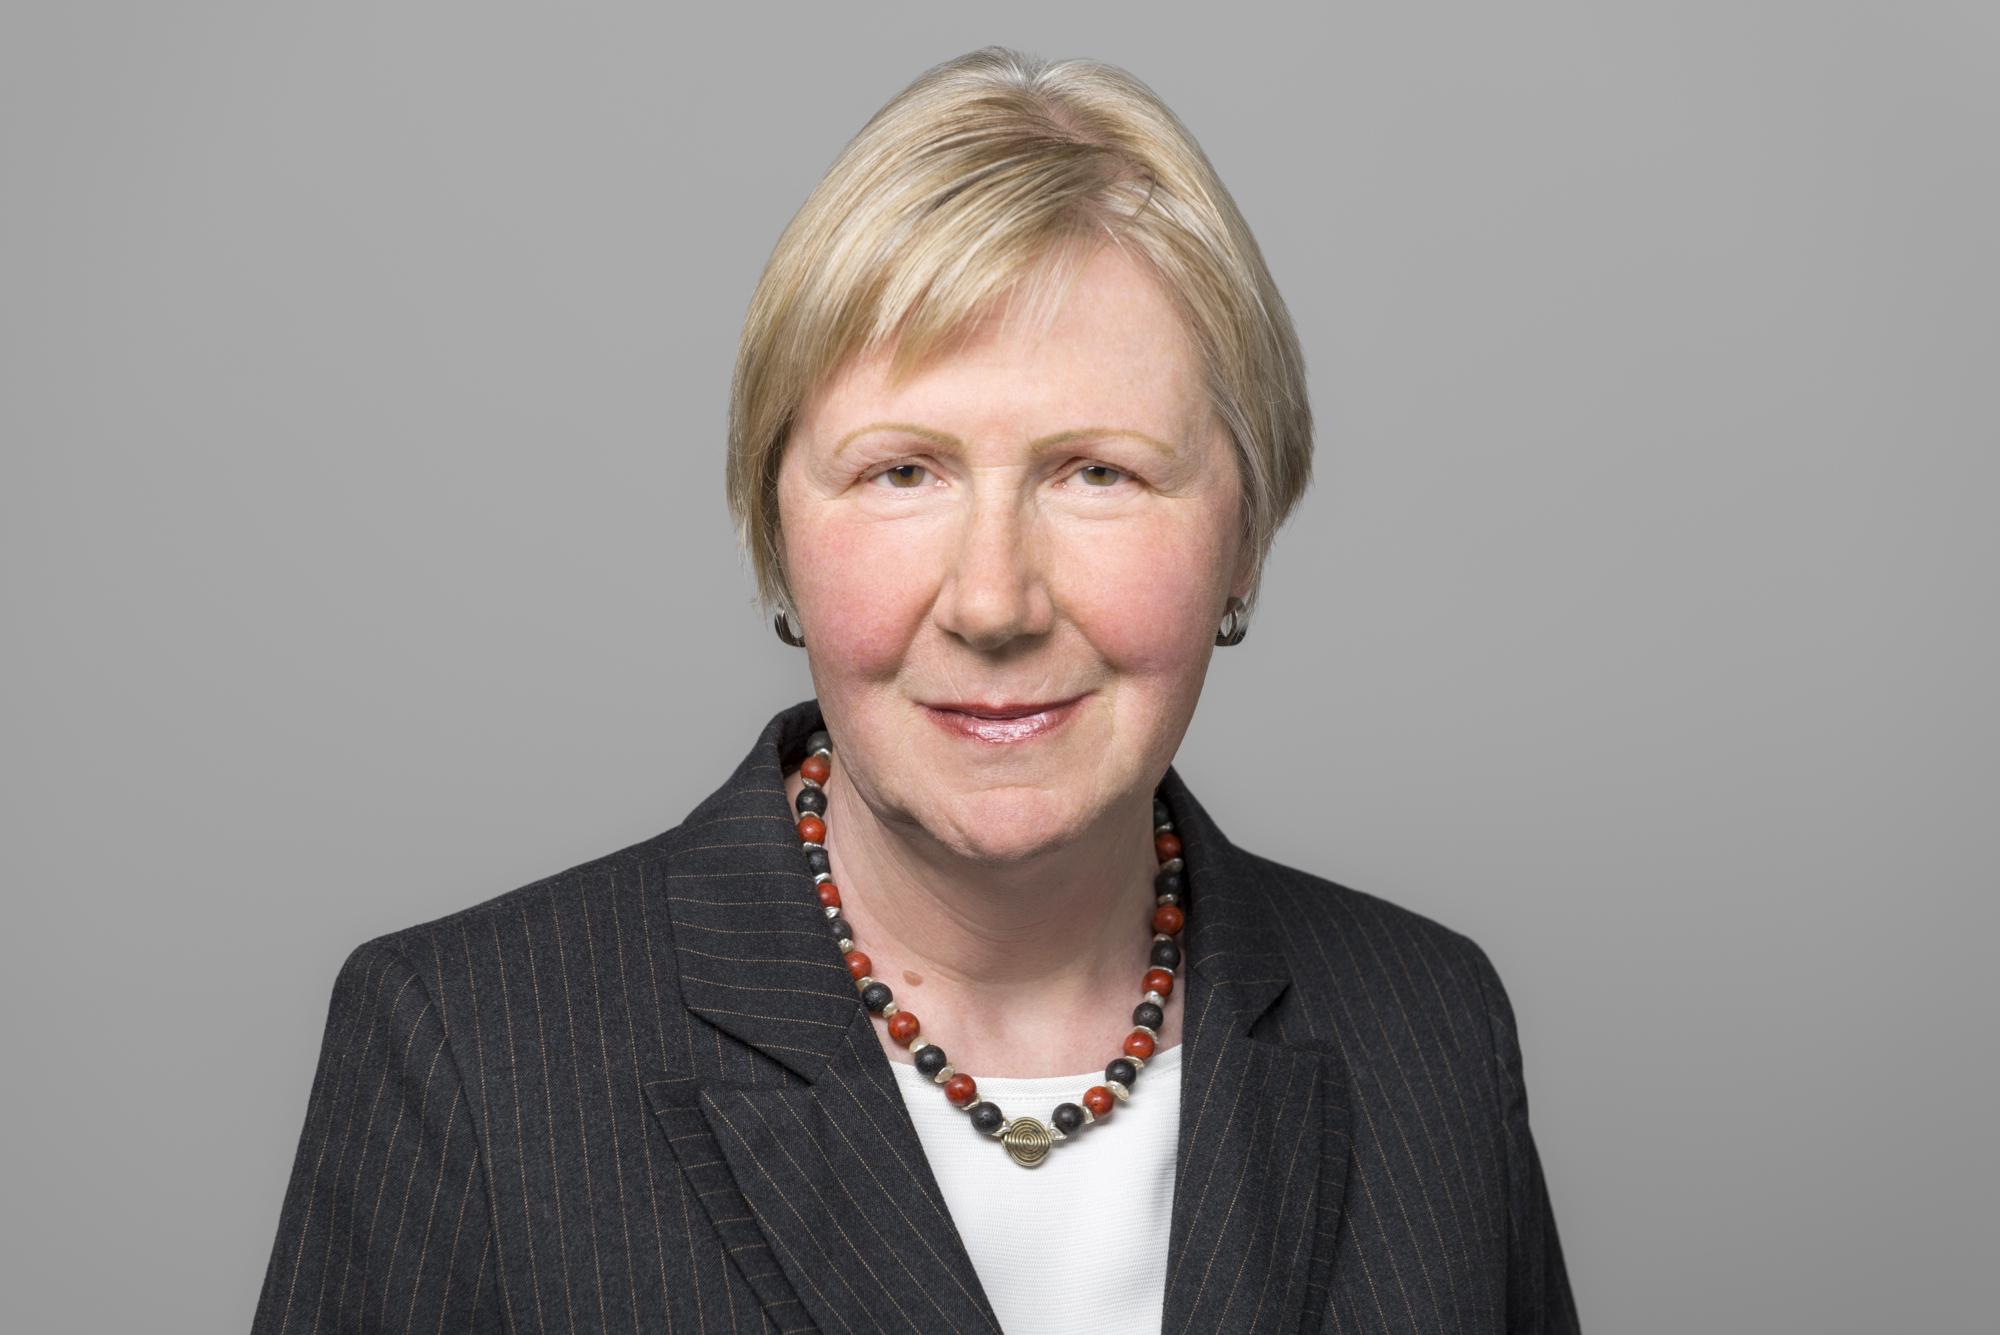 Karin Opphard